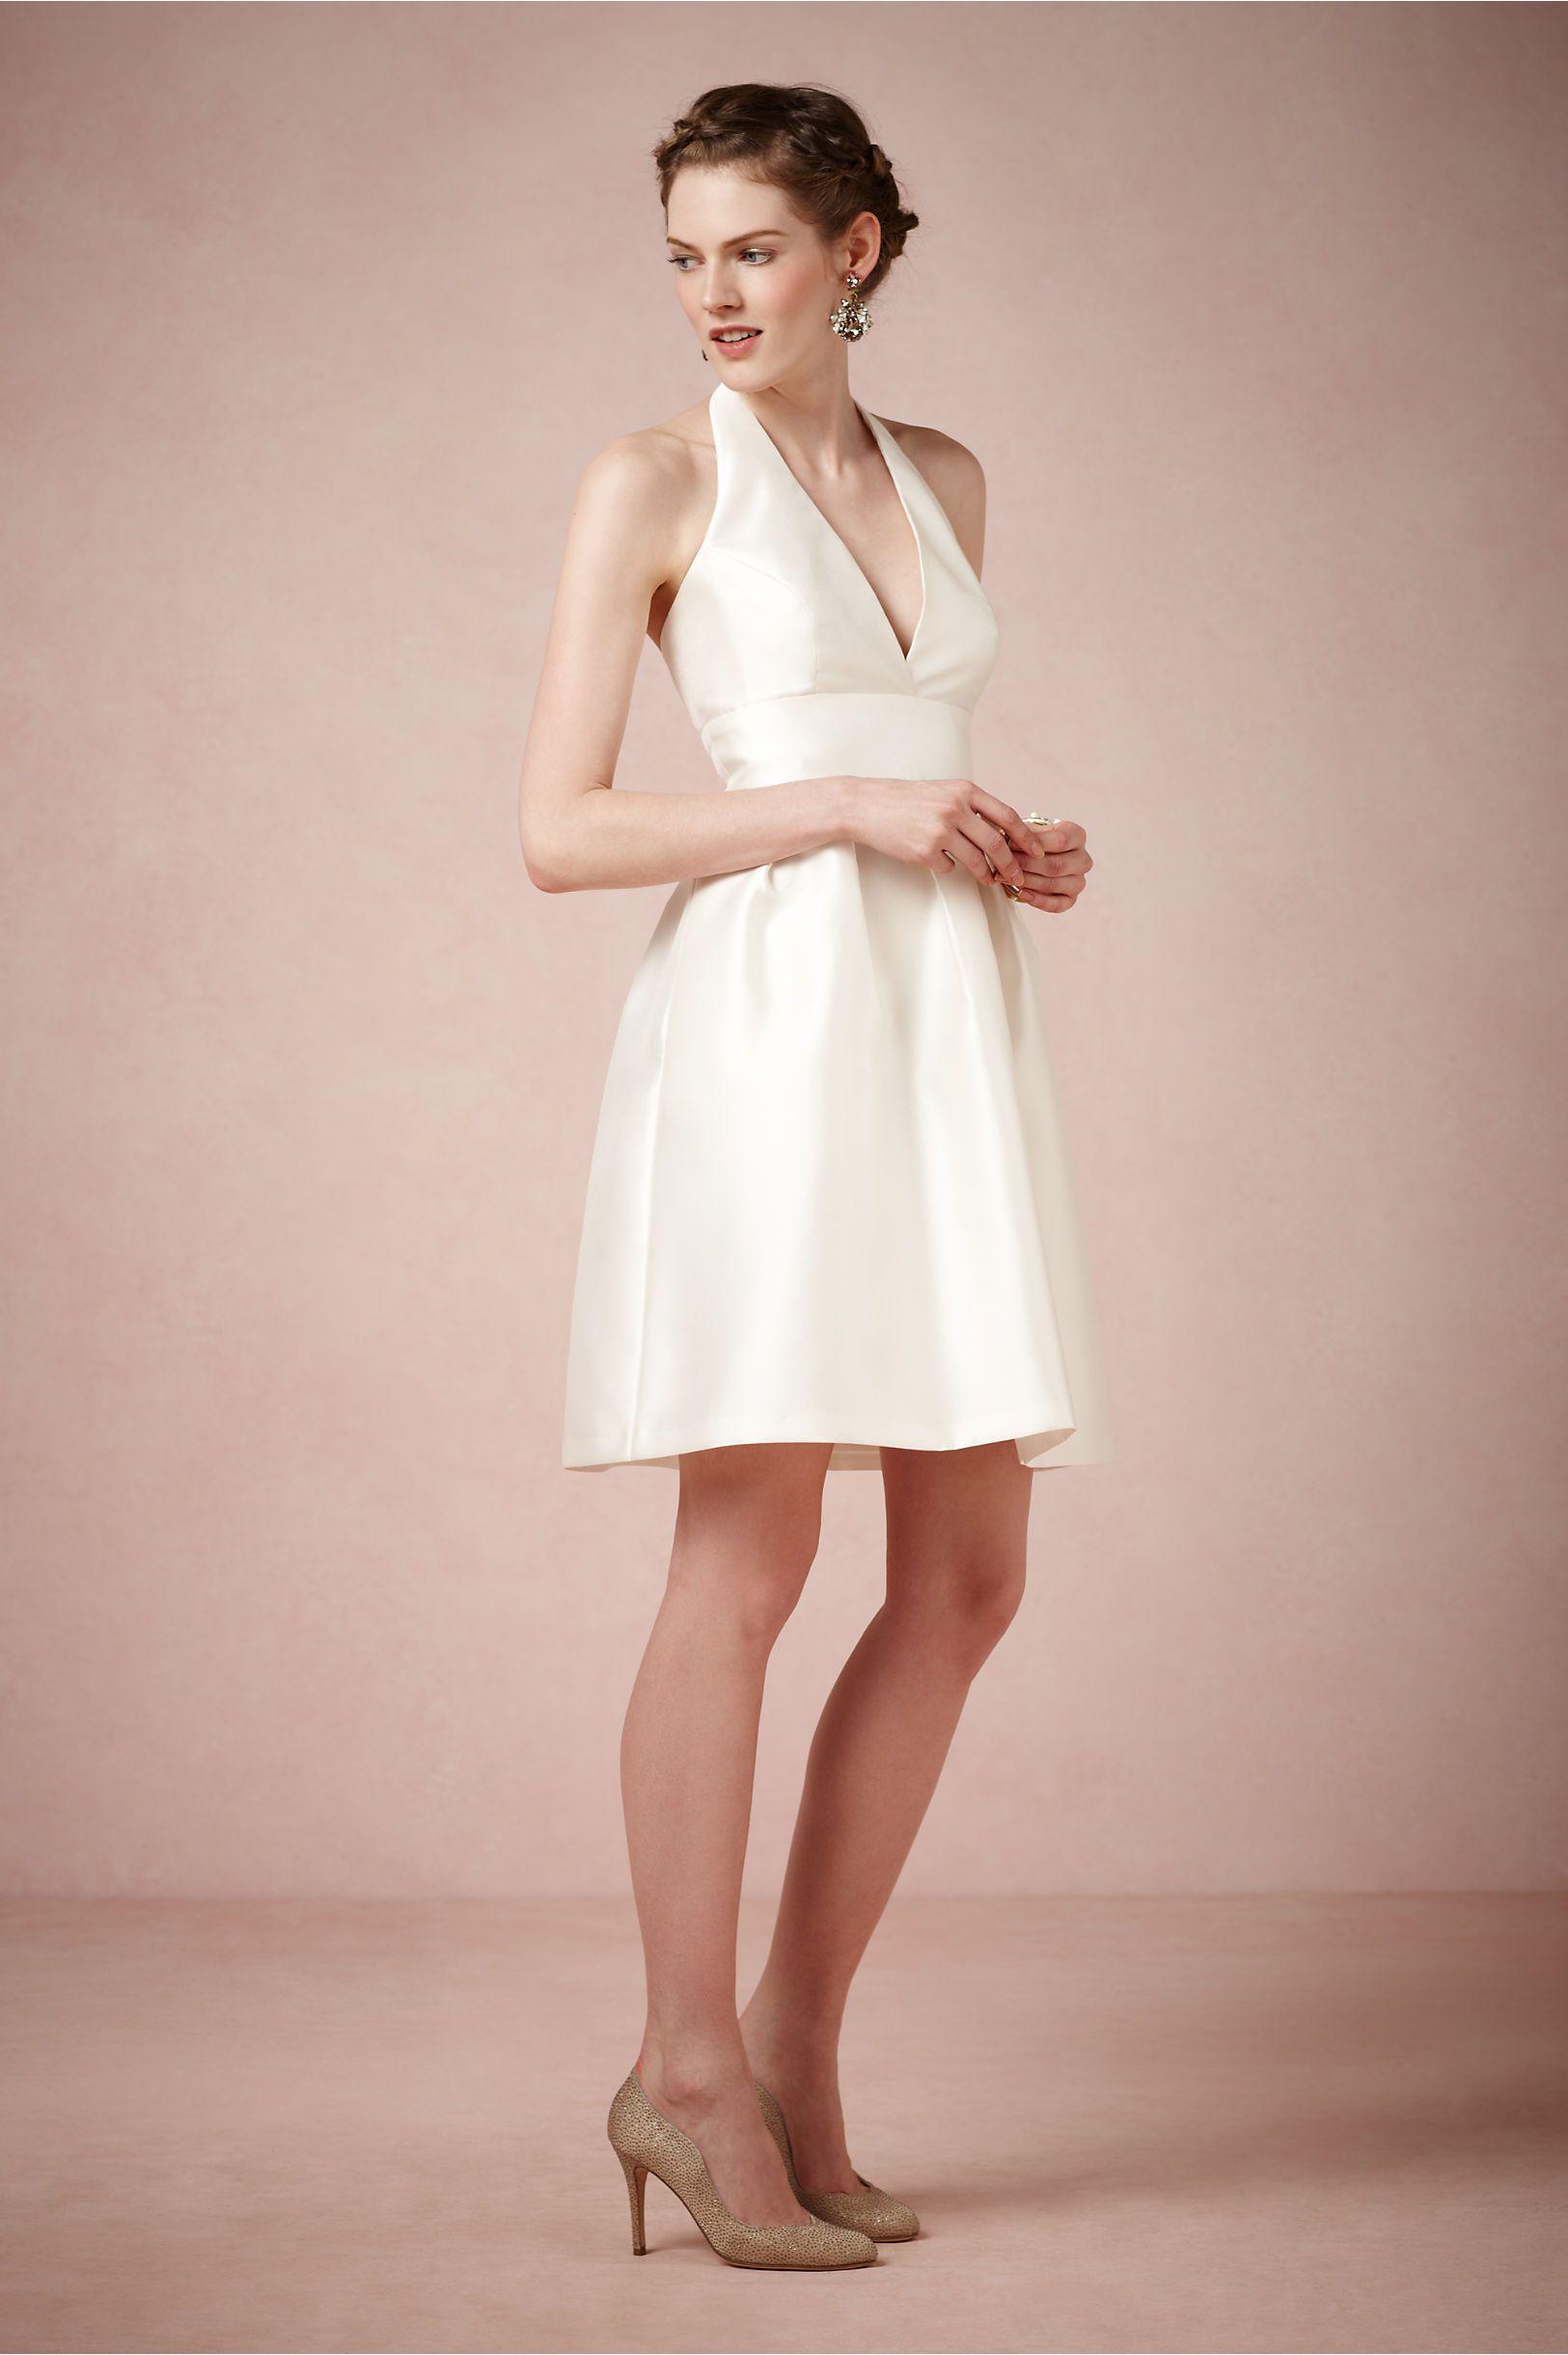 Jacqueline Dress in Bride Reception Dresses at BHLDN | Diner en ...